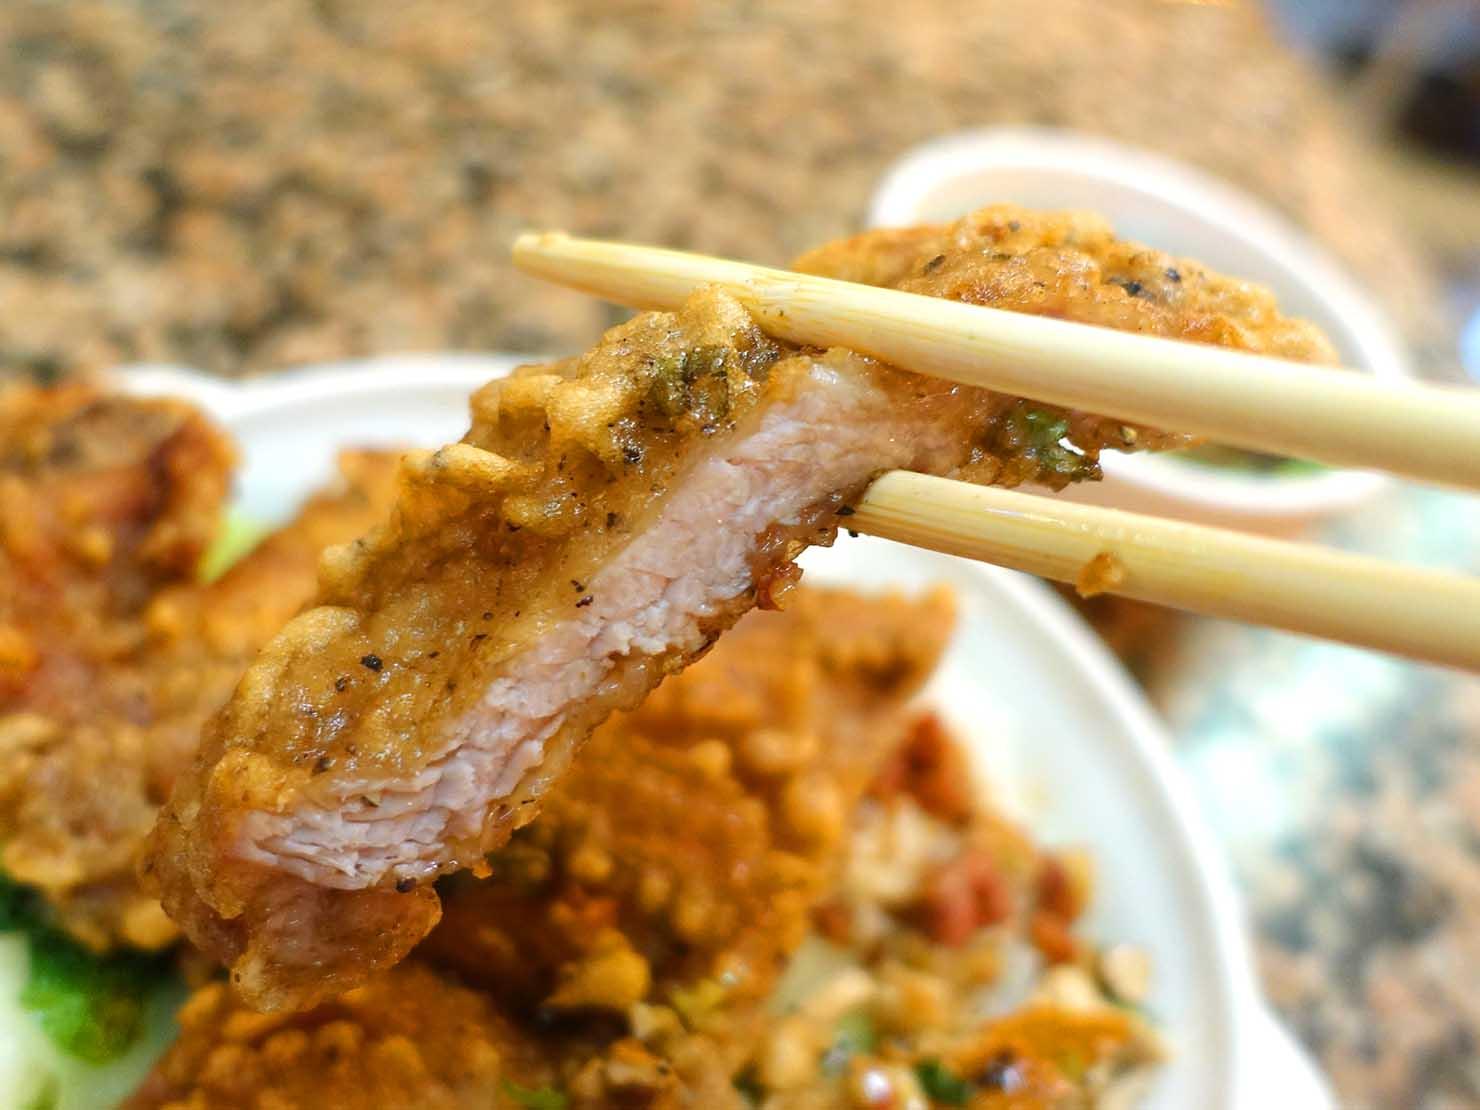 台北・西門町にある排骨飯の老舗「東一排骨總店」の排骨飯(パイグーファン)排骨クローズアップ